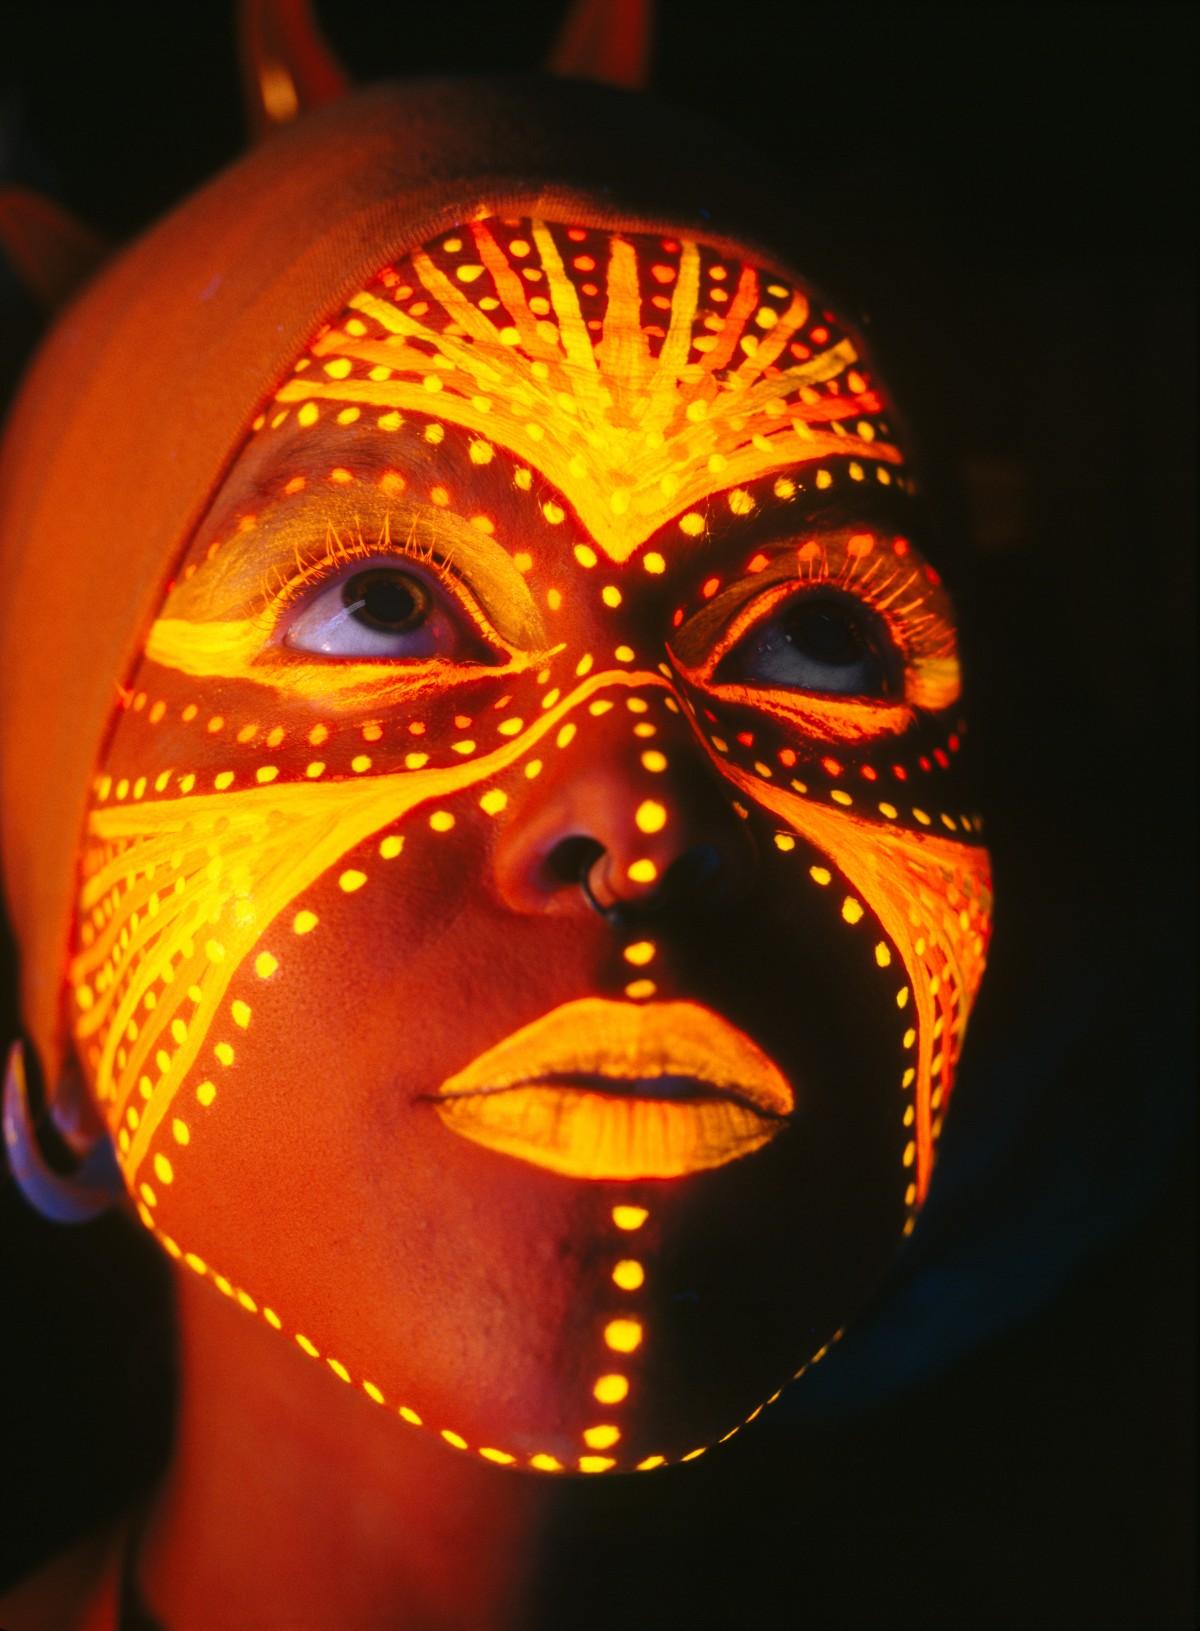 Bodypainting - Cara con pintura fluorescente